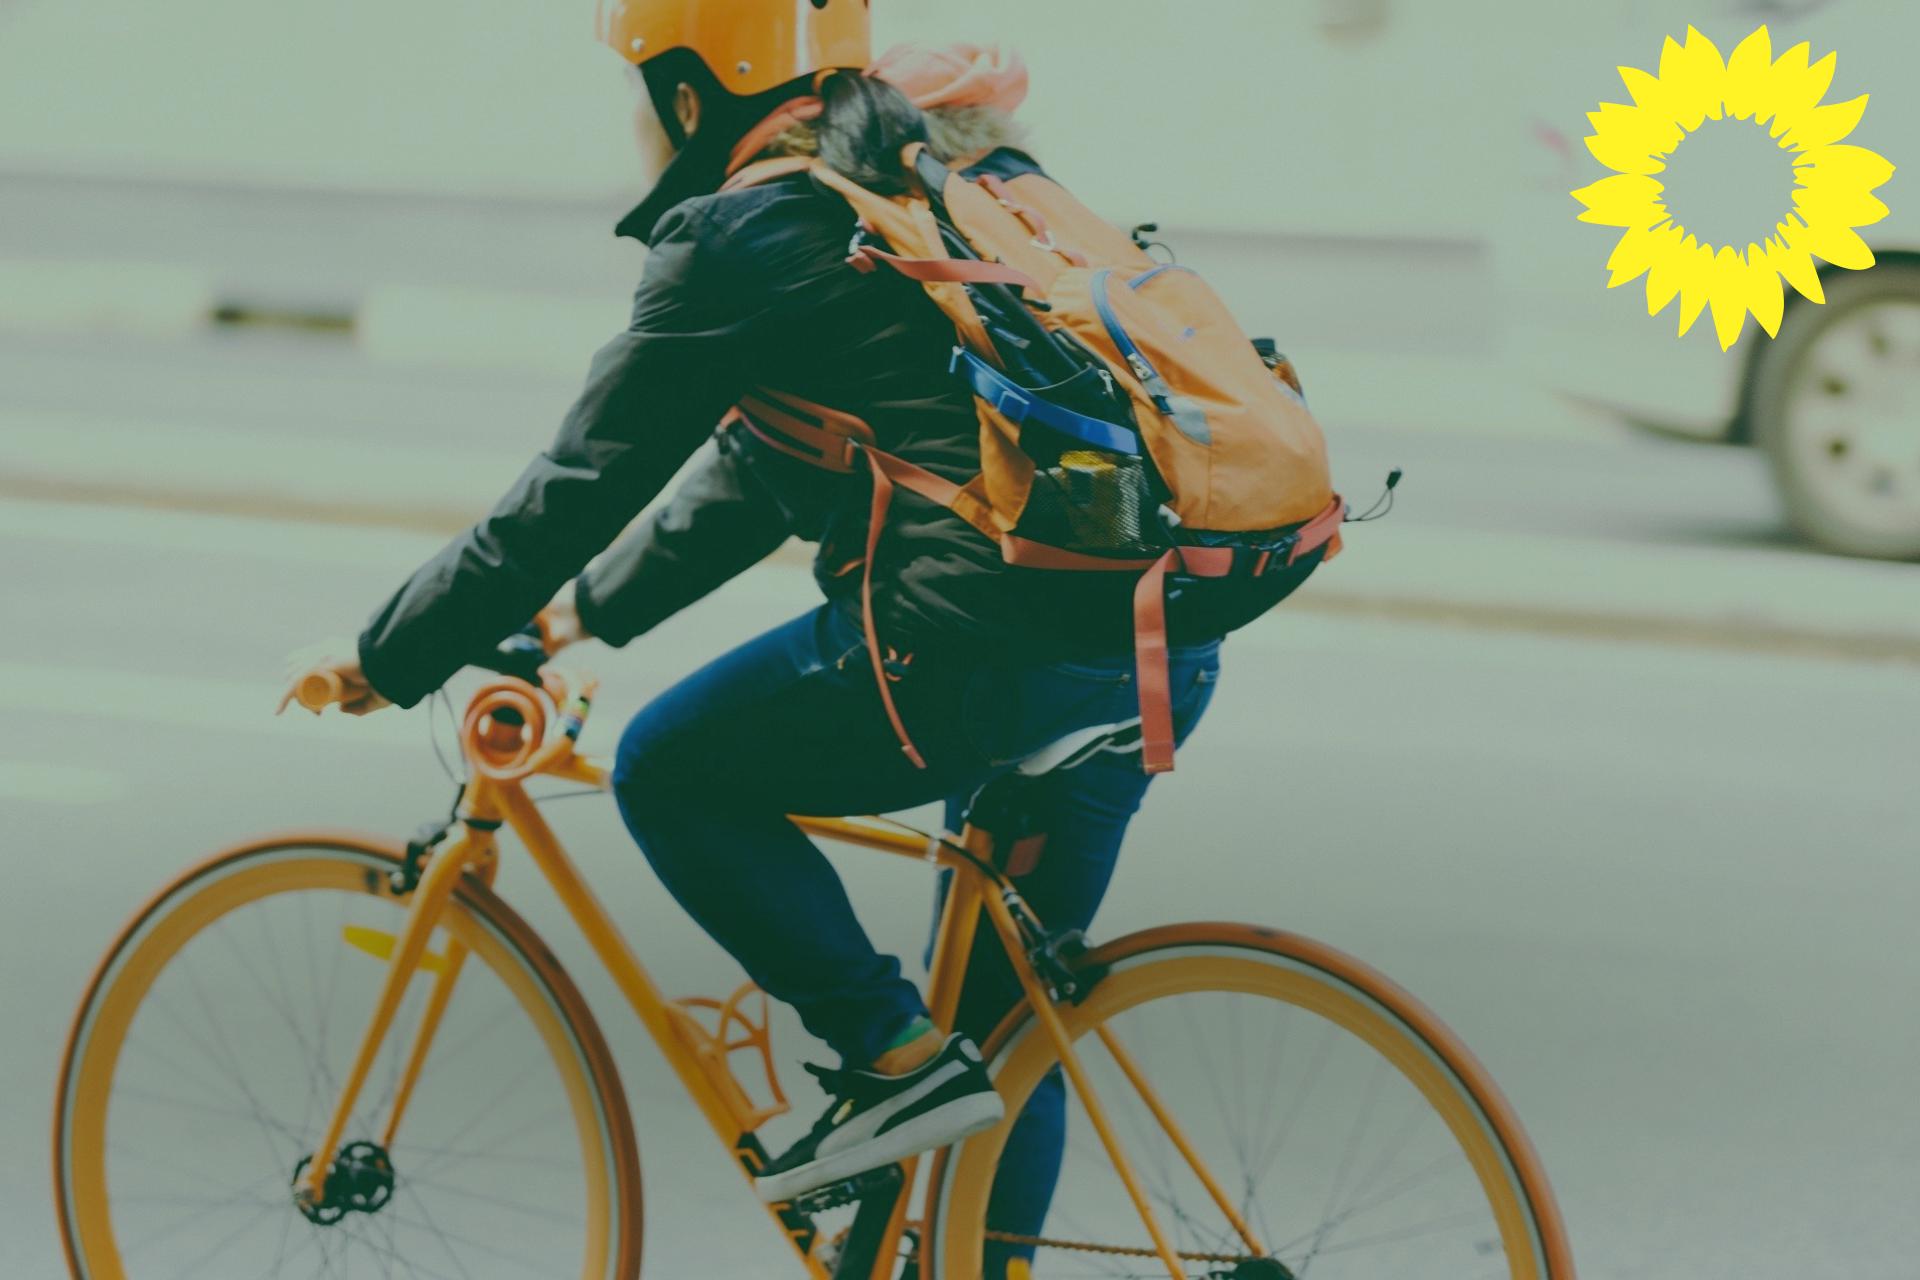 Kampagne zum Schutz von Fahrradfahrern: Abstand halten im Kreis Mettmann